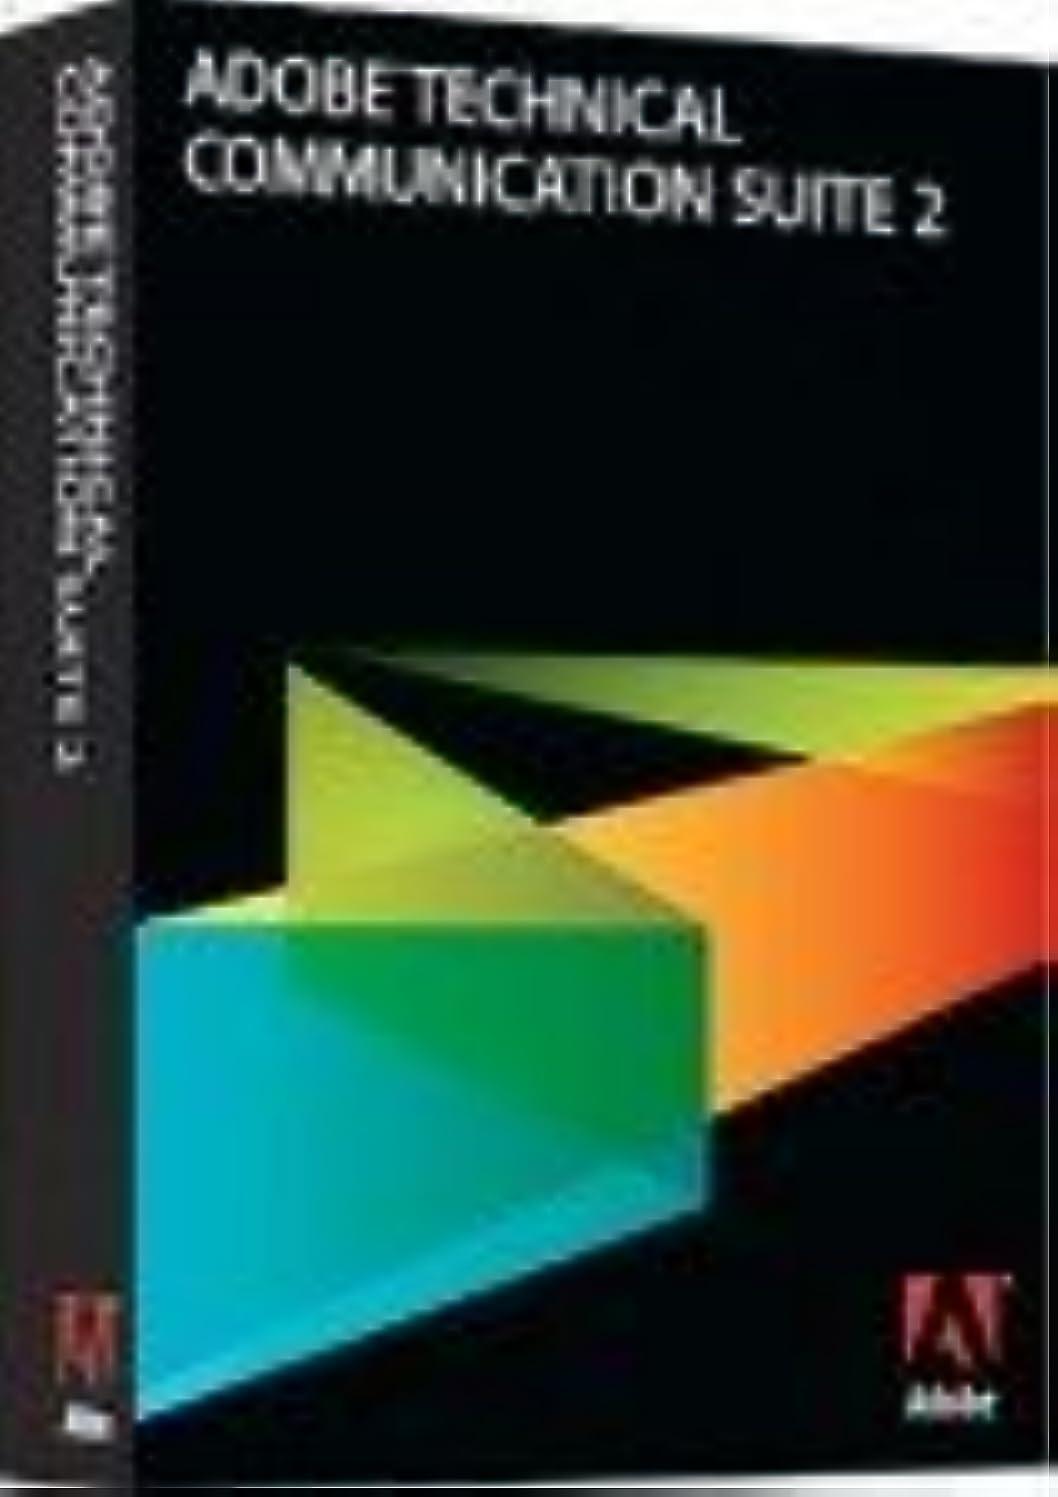 連続的うるさい特派員Adobe Technical Communication Suite 2.0 日本語版 アップセル版(FR RB/FM/CP) Windows版